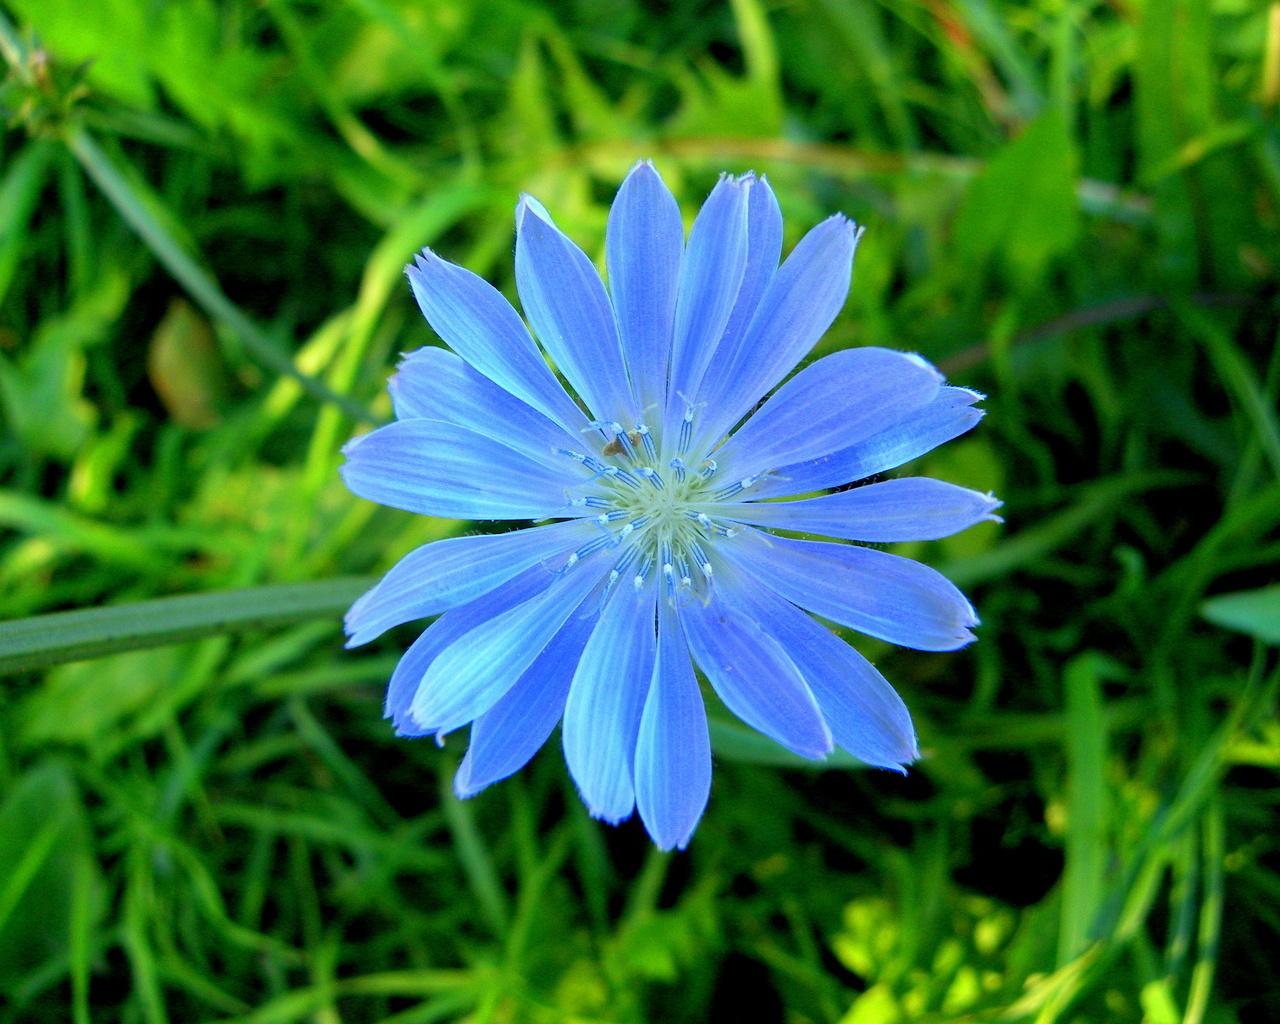 Бесплатные обои на рабочий стол природа цветы 13